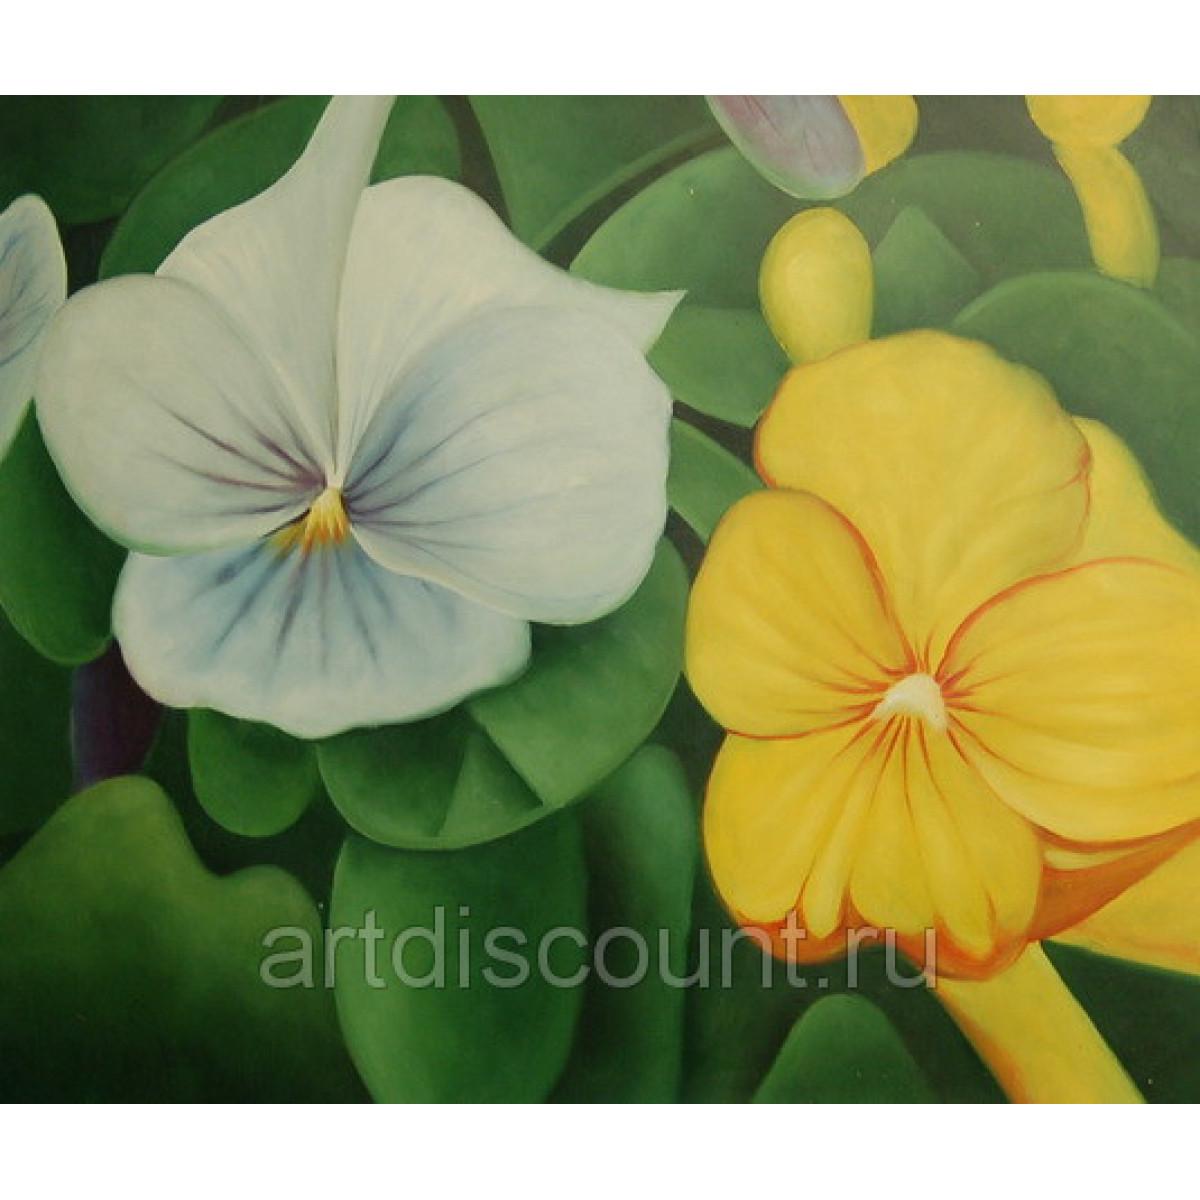 """Картина """"Цветы"""" холст, масло 50х60см."""